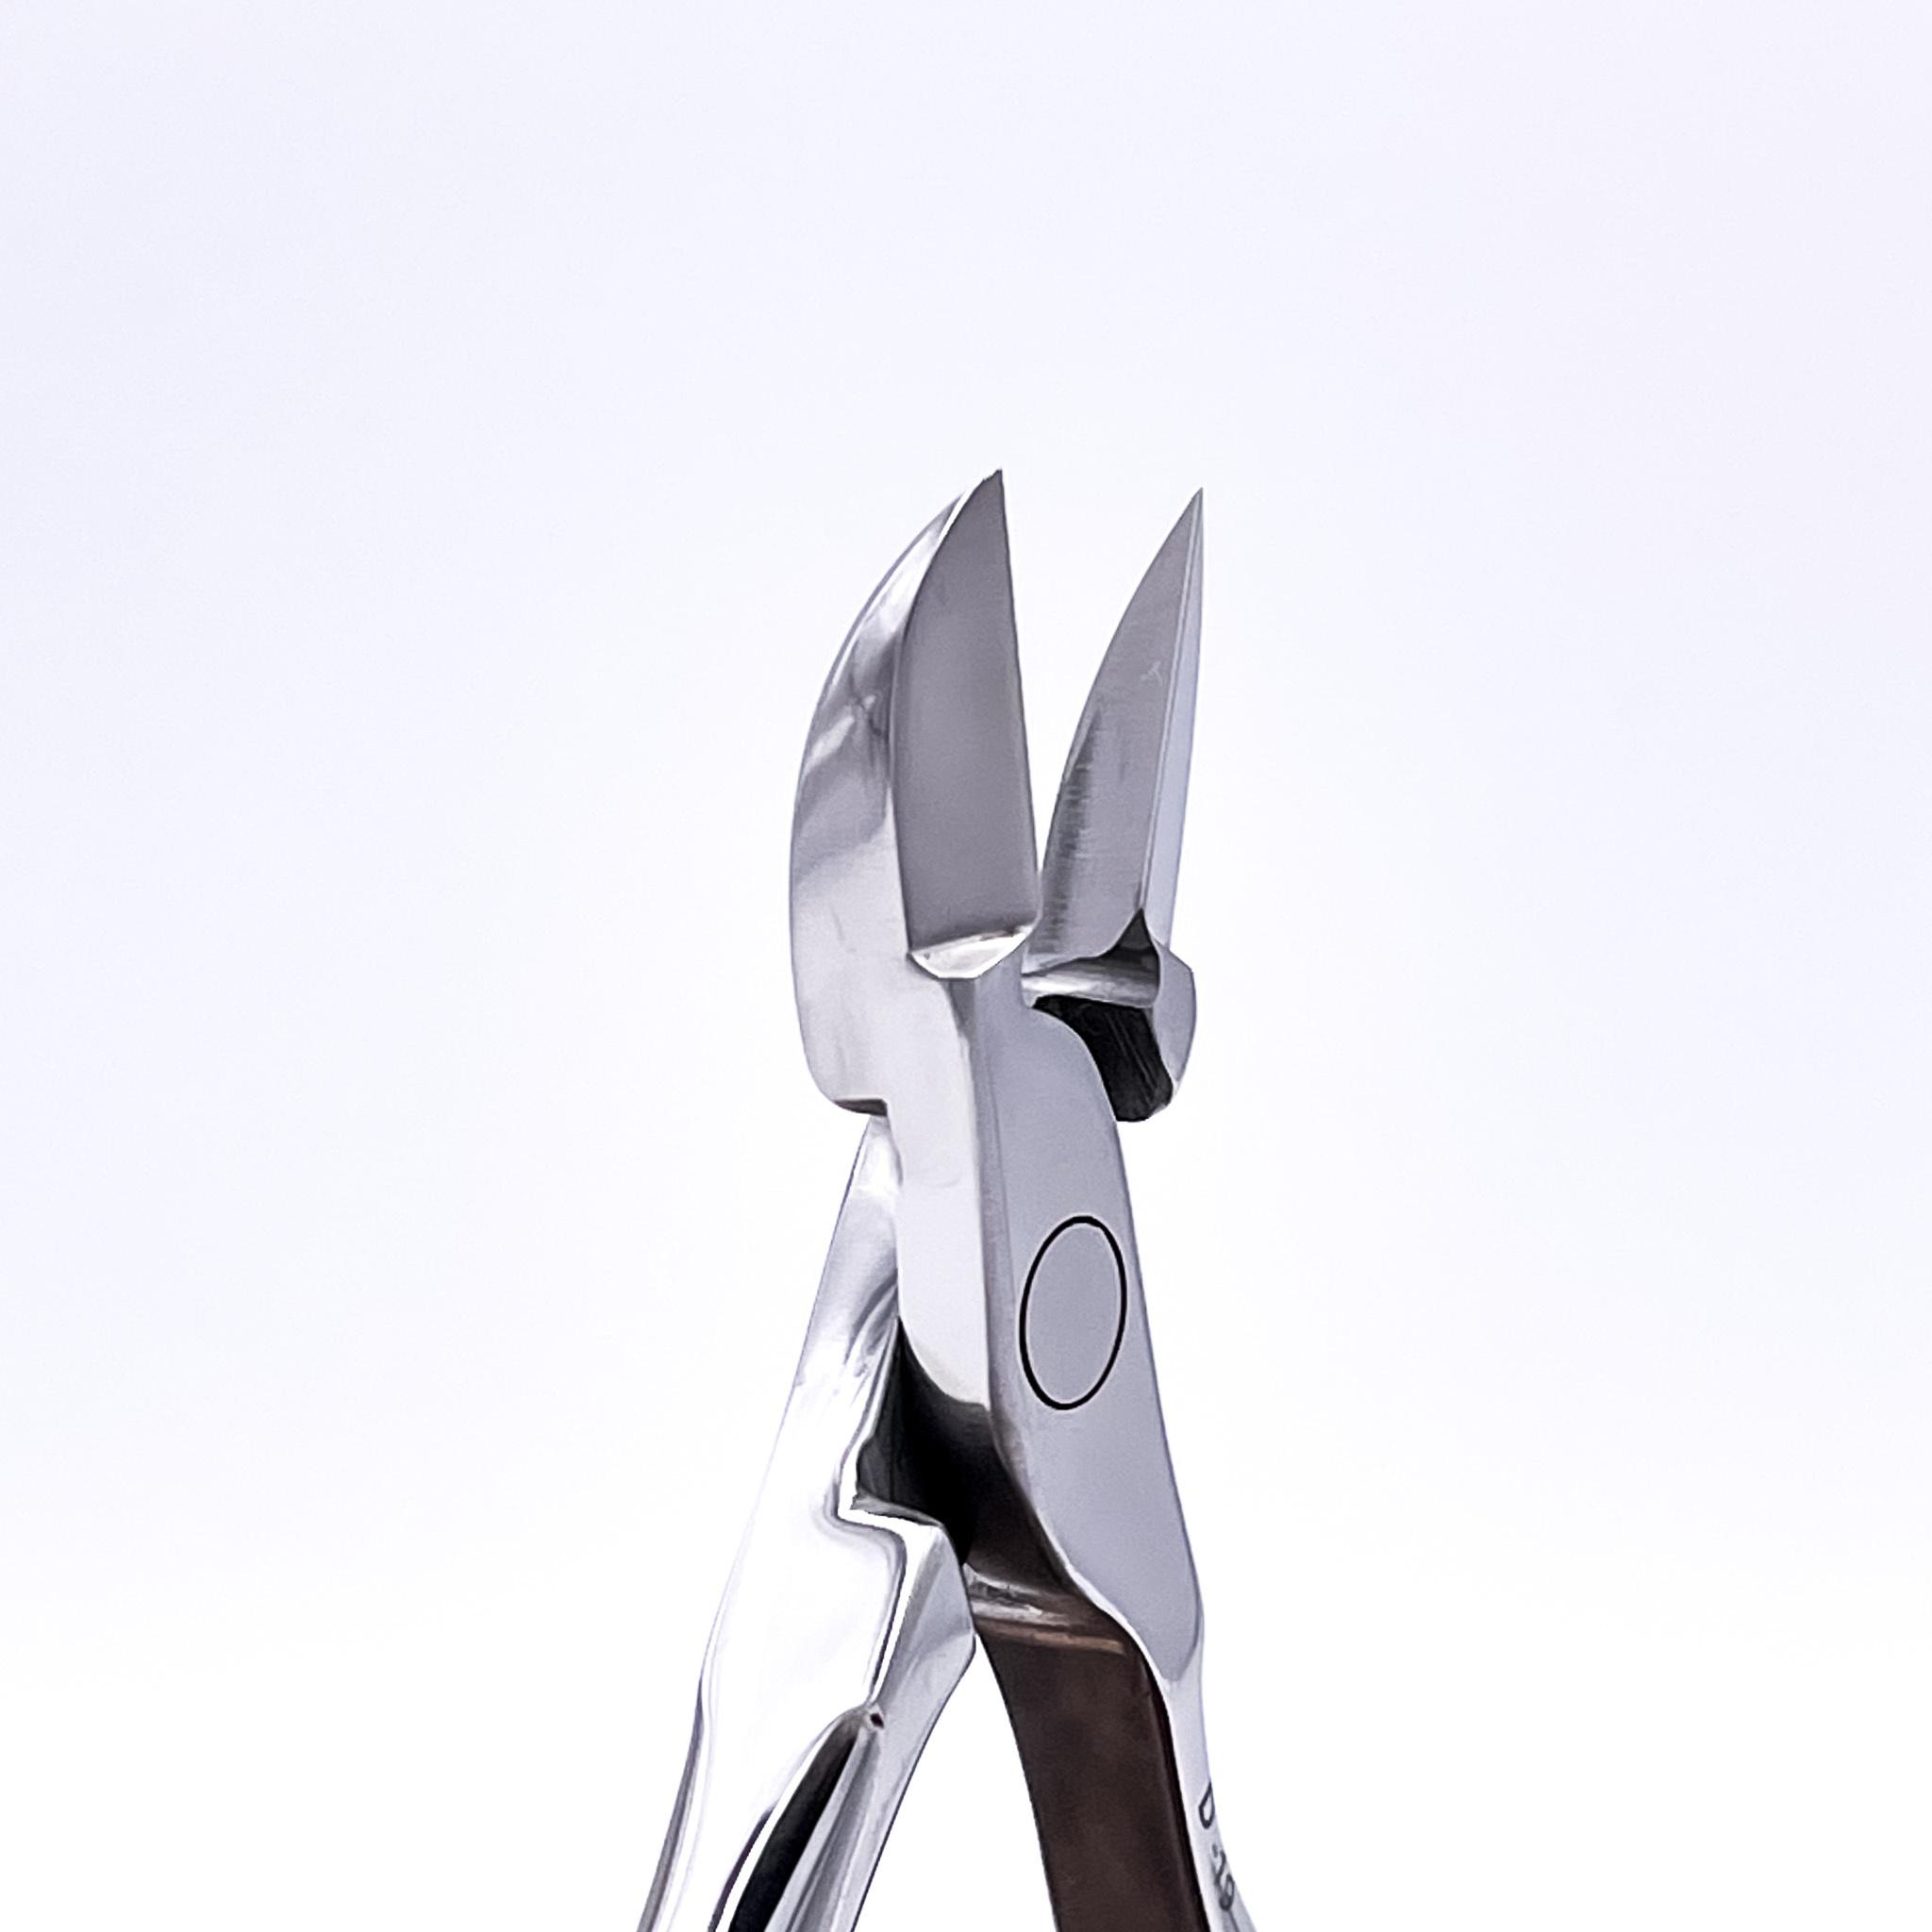 STALENA  Pince à ongles Diabètes droite, grande avec poignée ergonomique D-19 (N7-60-18)